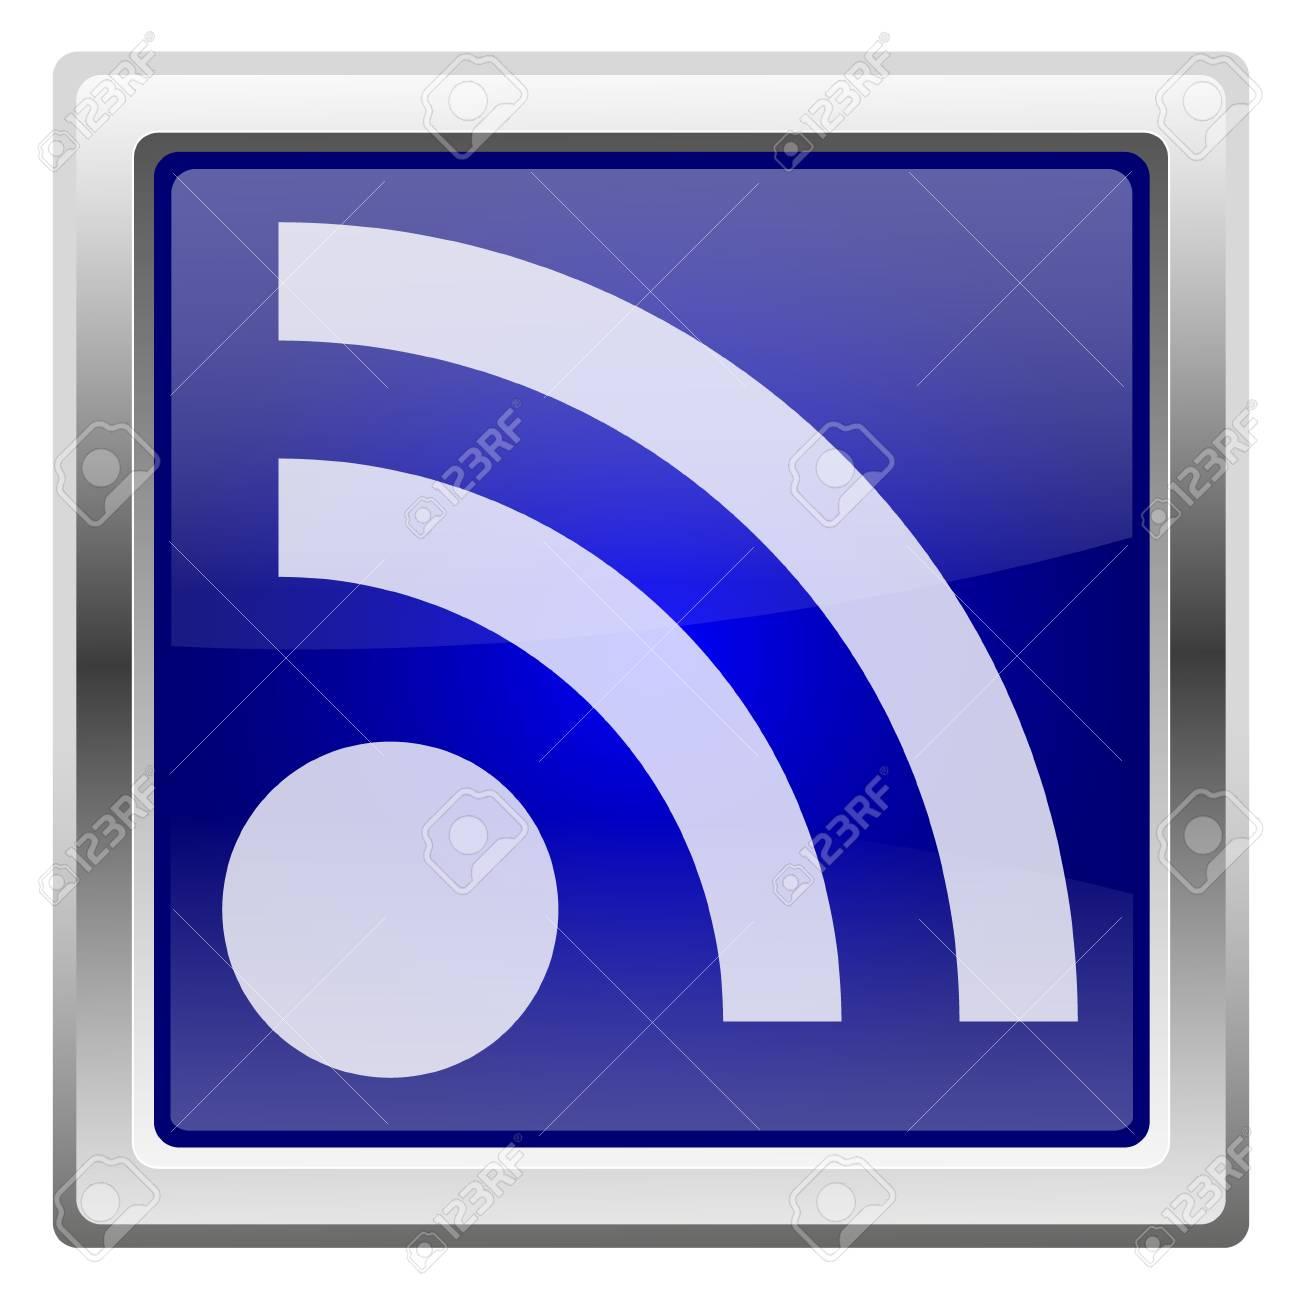 Metallic shiny icon with white design on blue background Stock Photo - 20547581